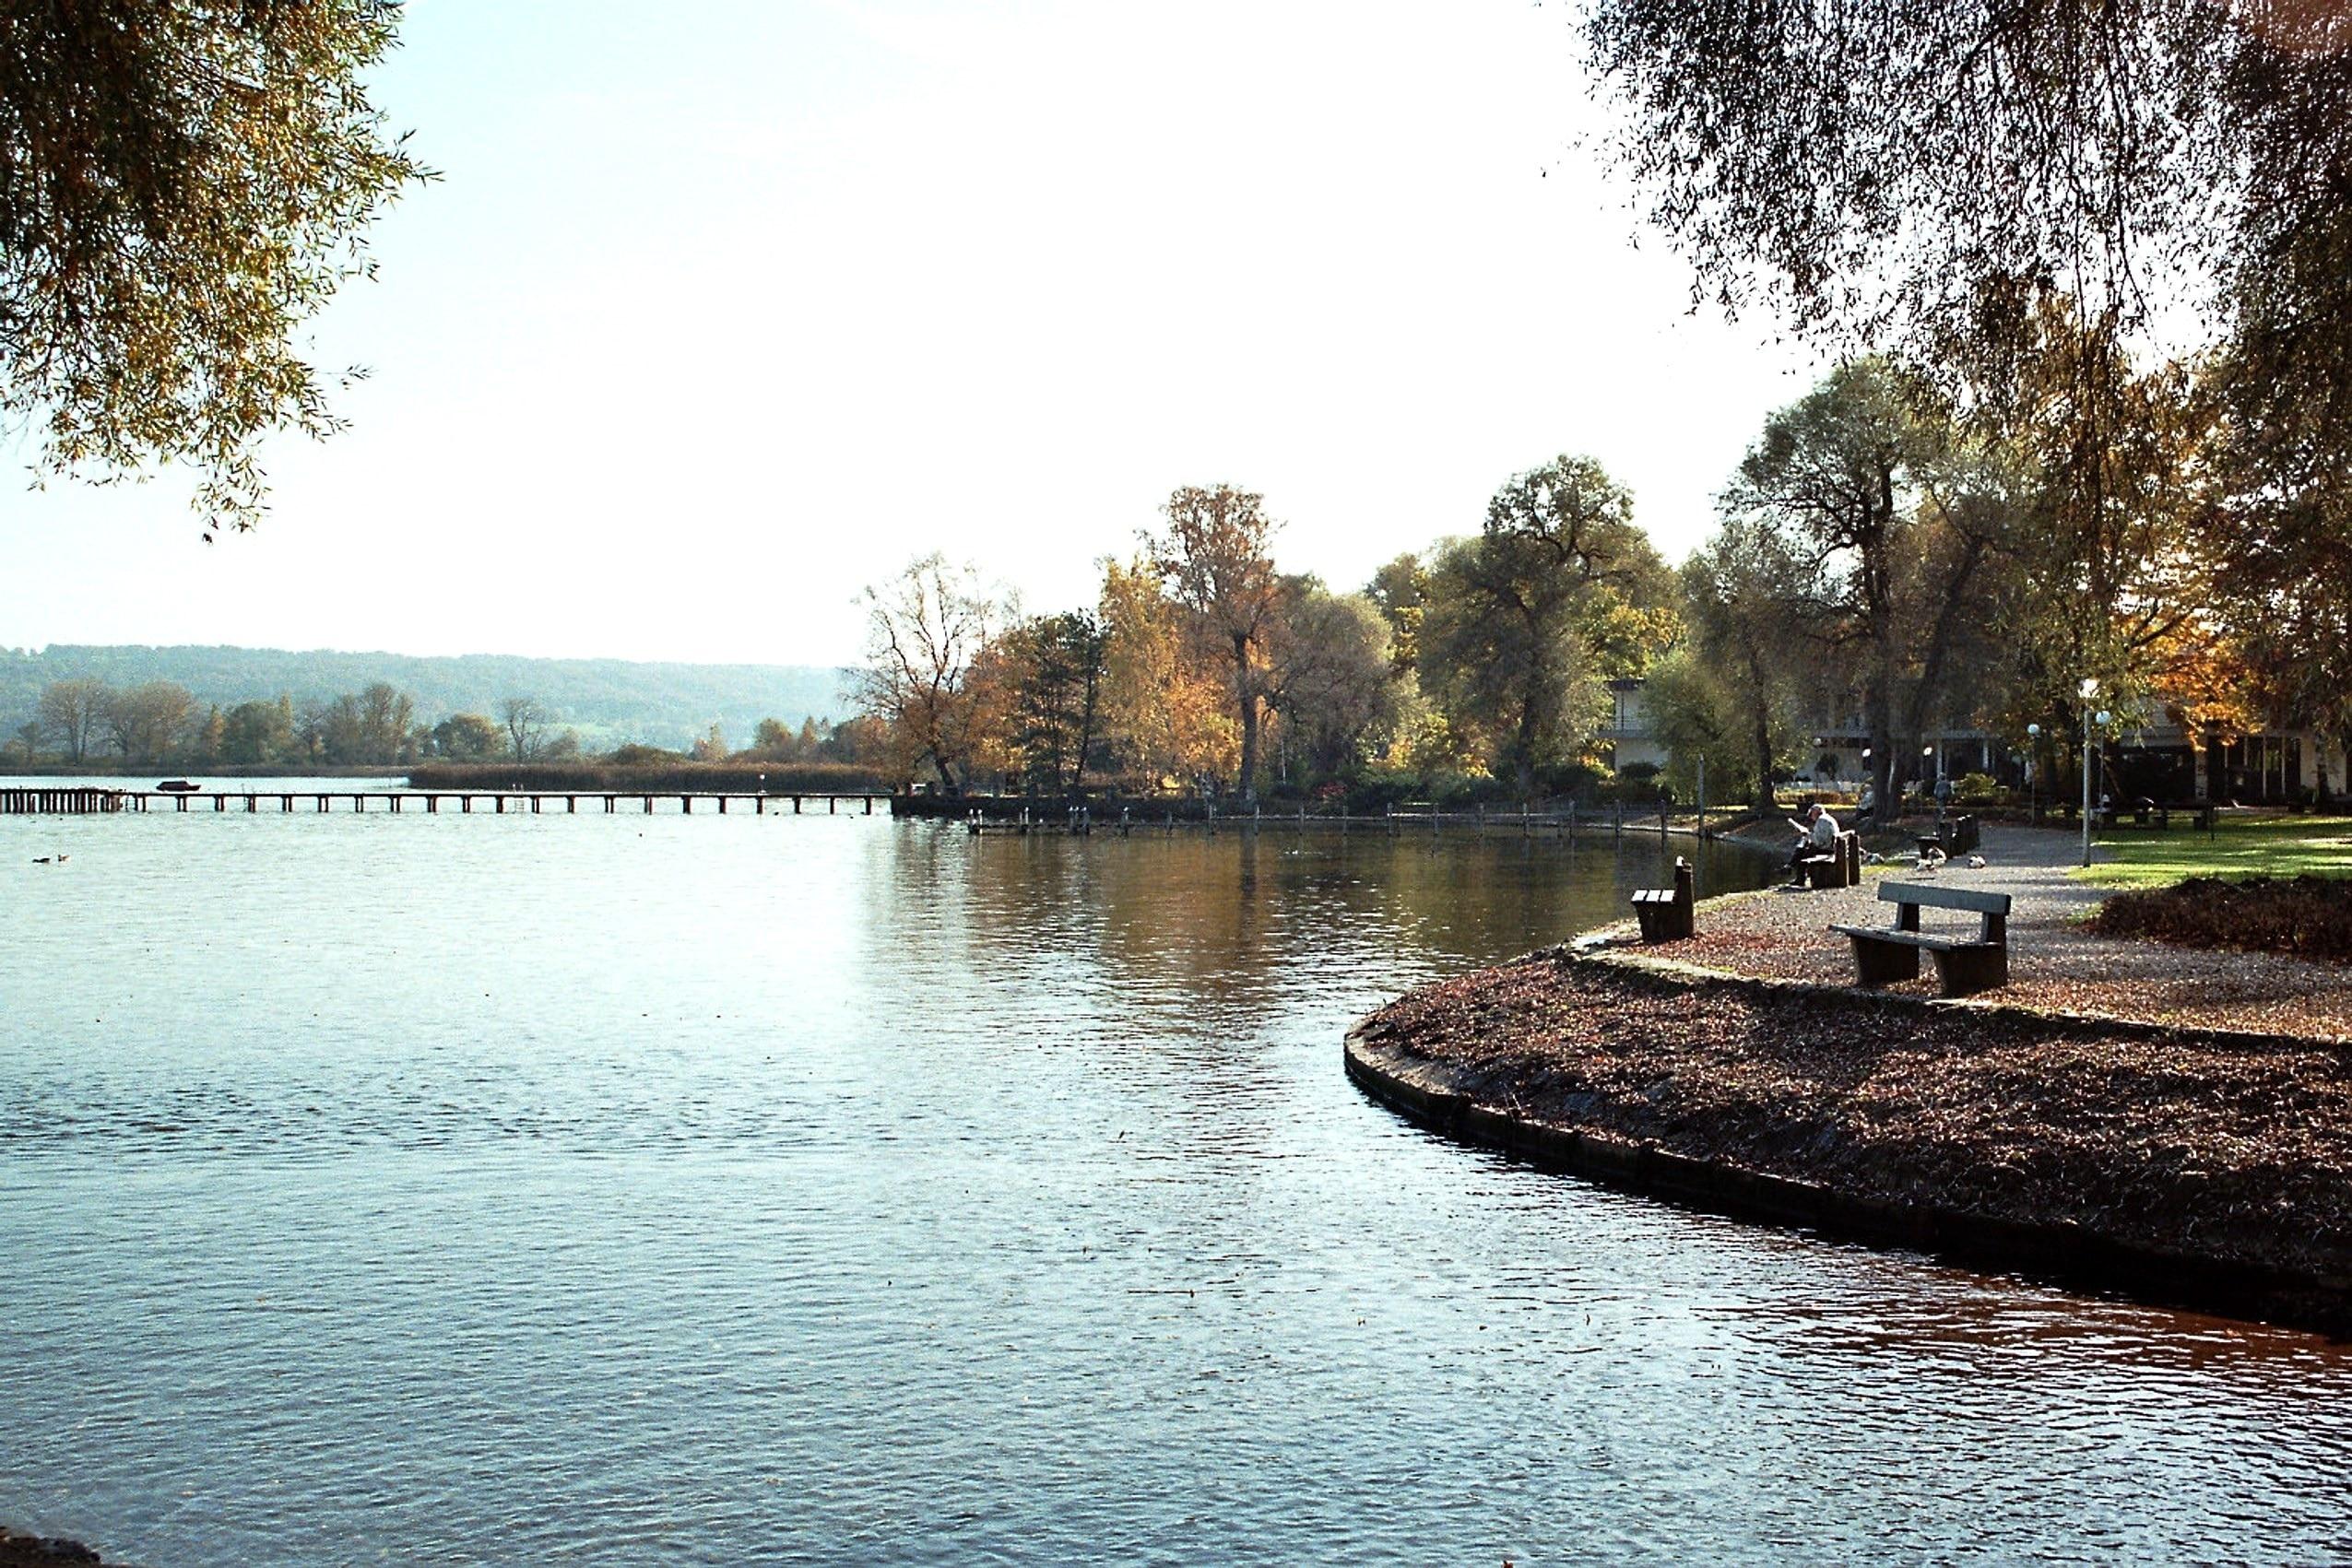 Diessen am Ammersee, Bavaria, Germany